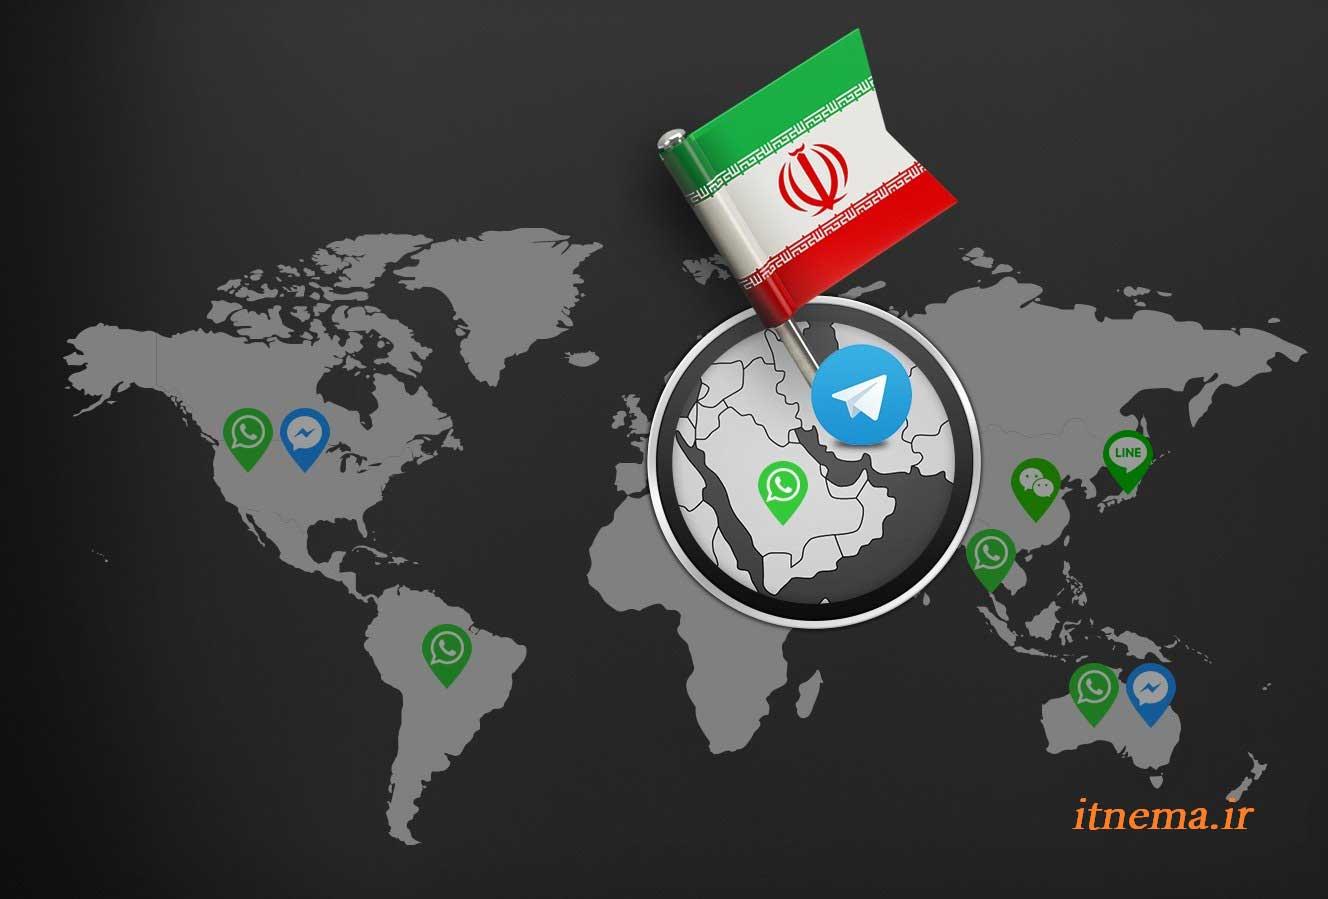 انتقال سرور های تلگرام به داخل کشور بی فایده است